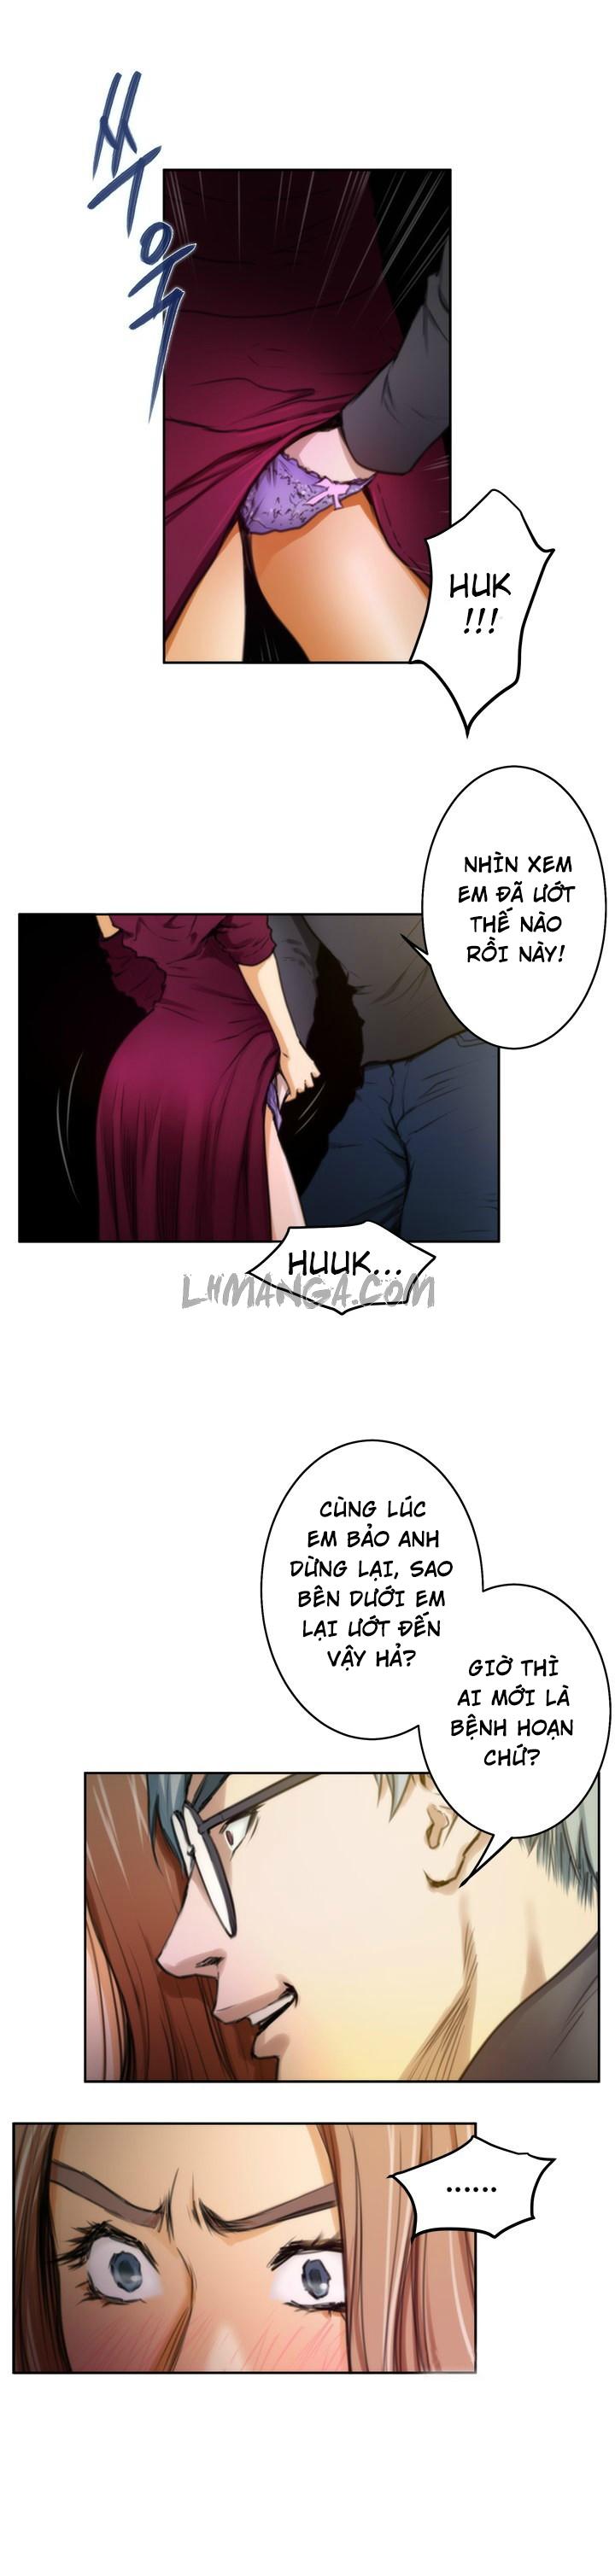 H-Mate Chapter 30 - Trang 8